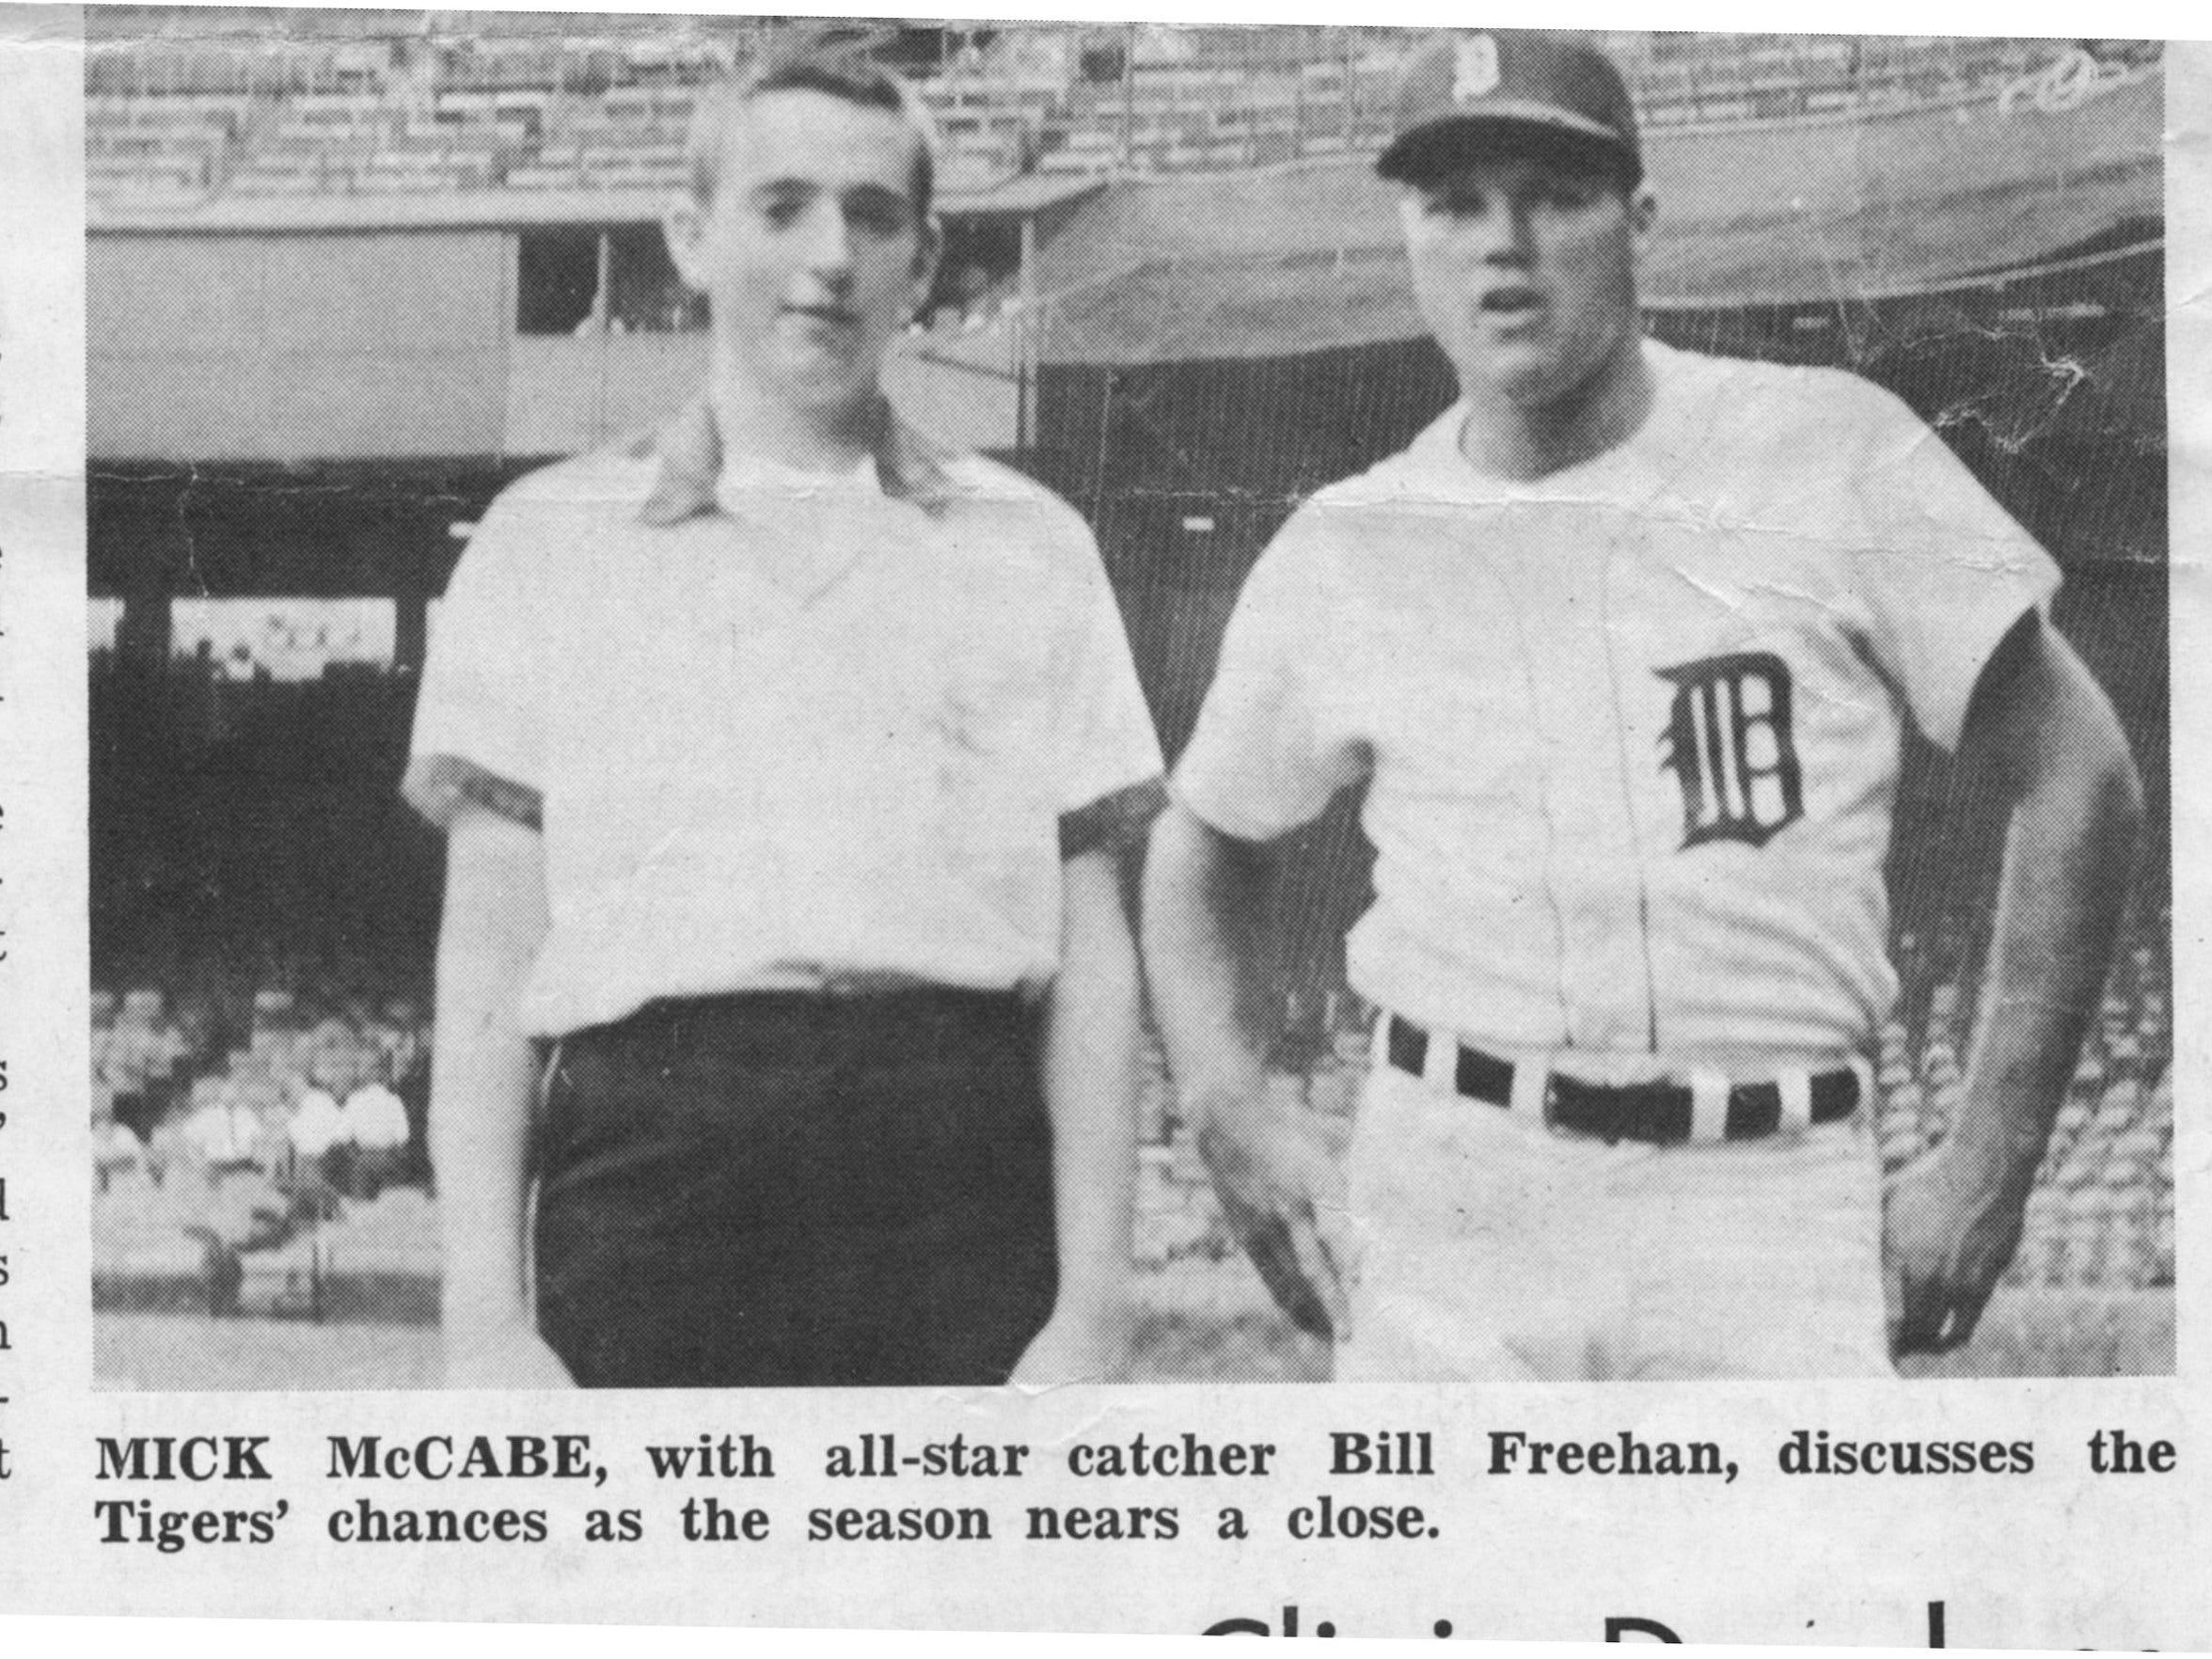 A young Mick McCabe, who had a summer job at Tiger